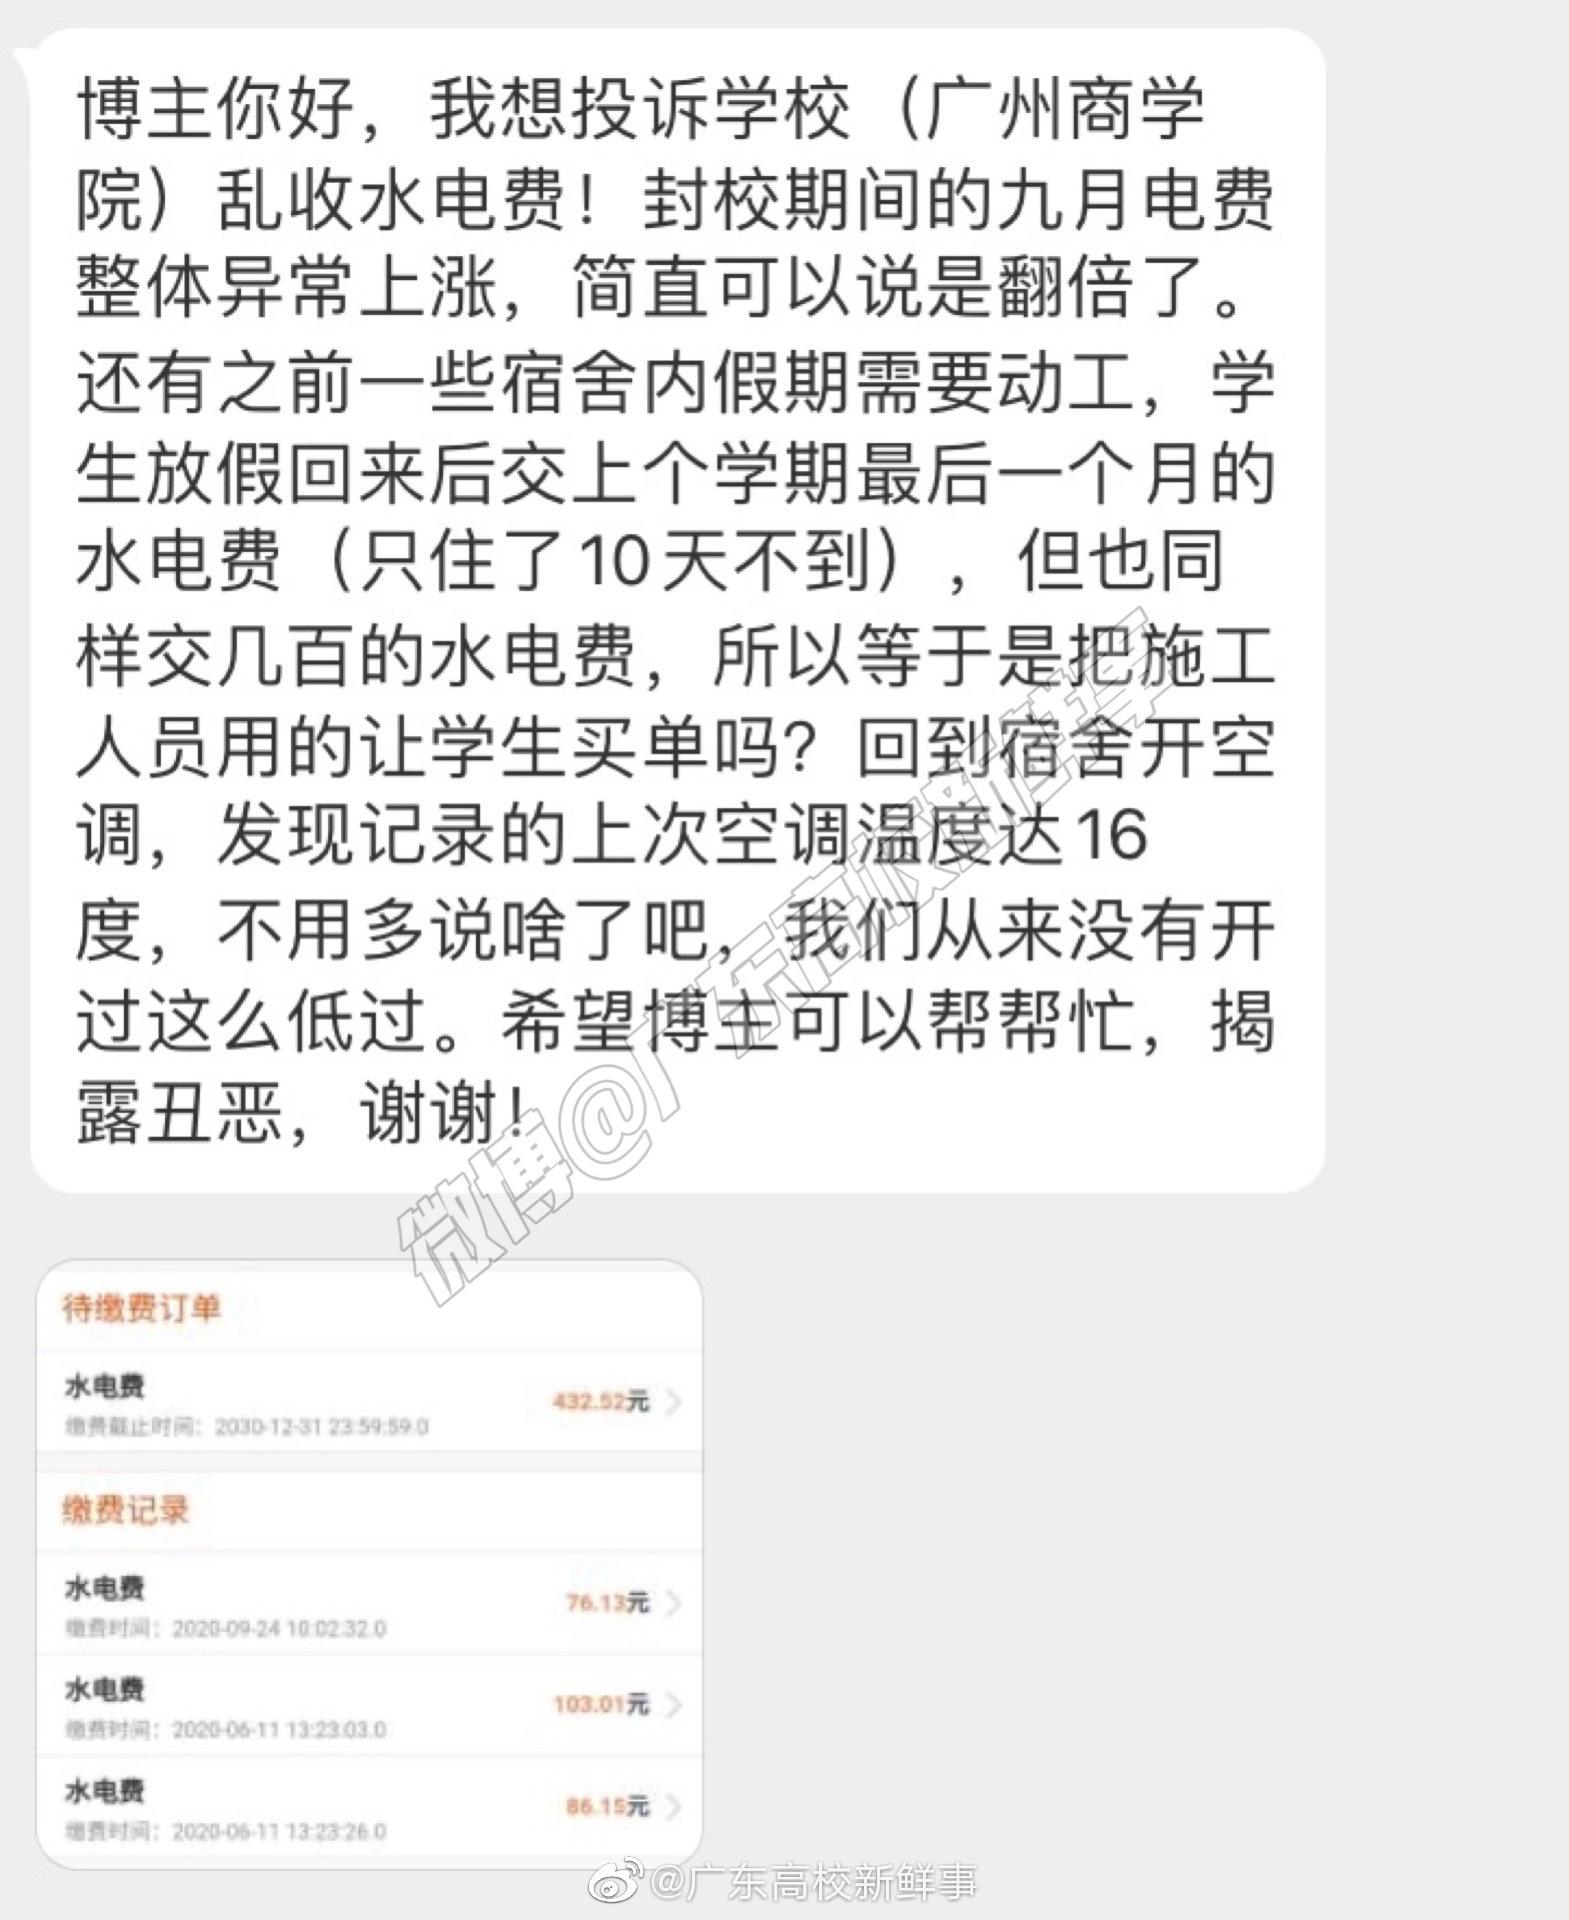 据广州商学院学生反映:封校期间,宿舍的水电费涨得厉害